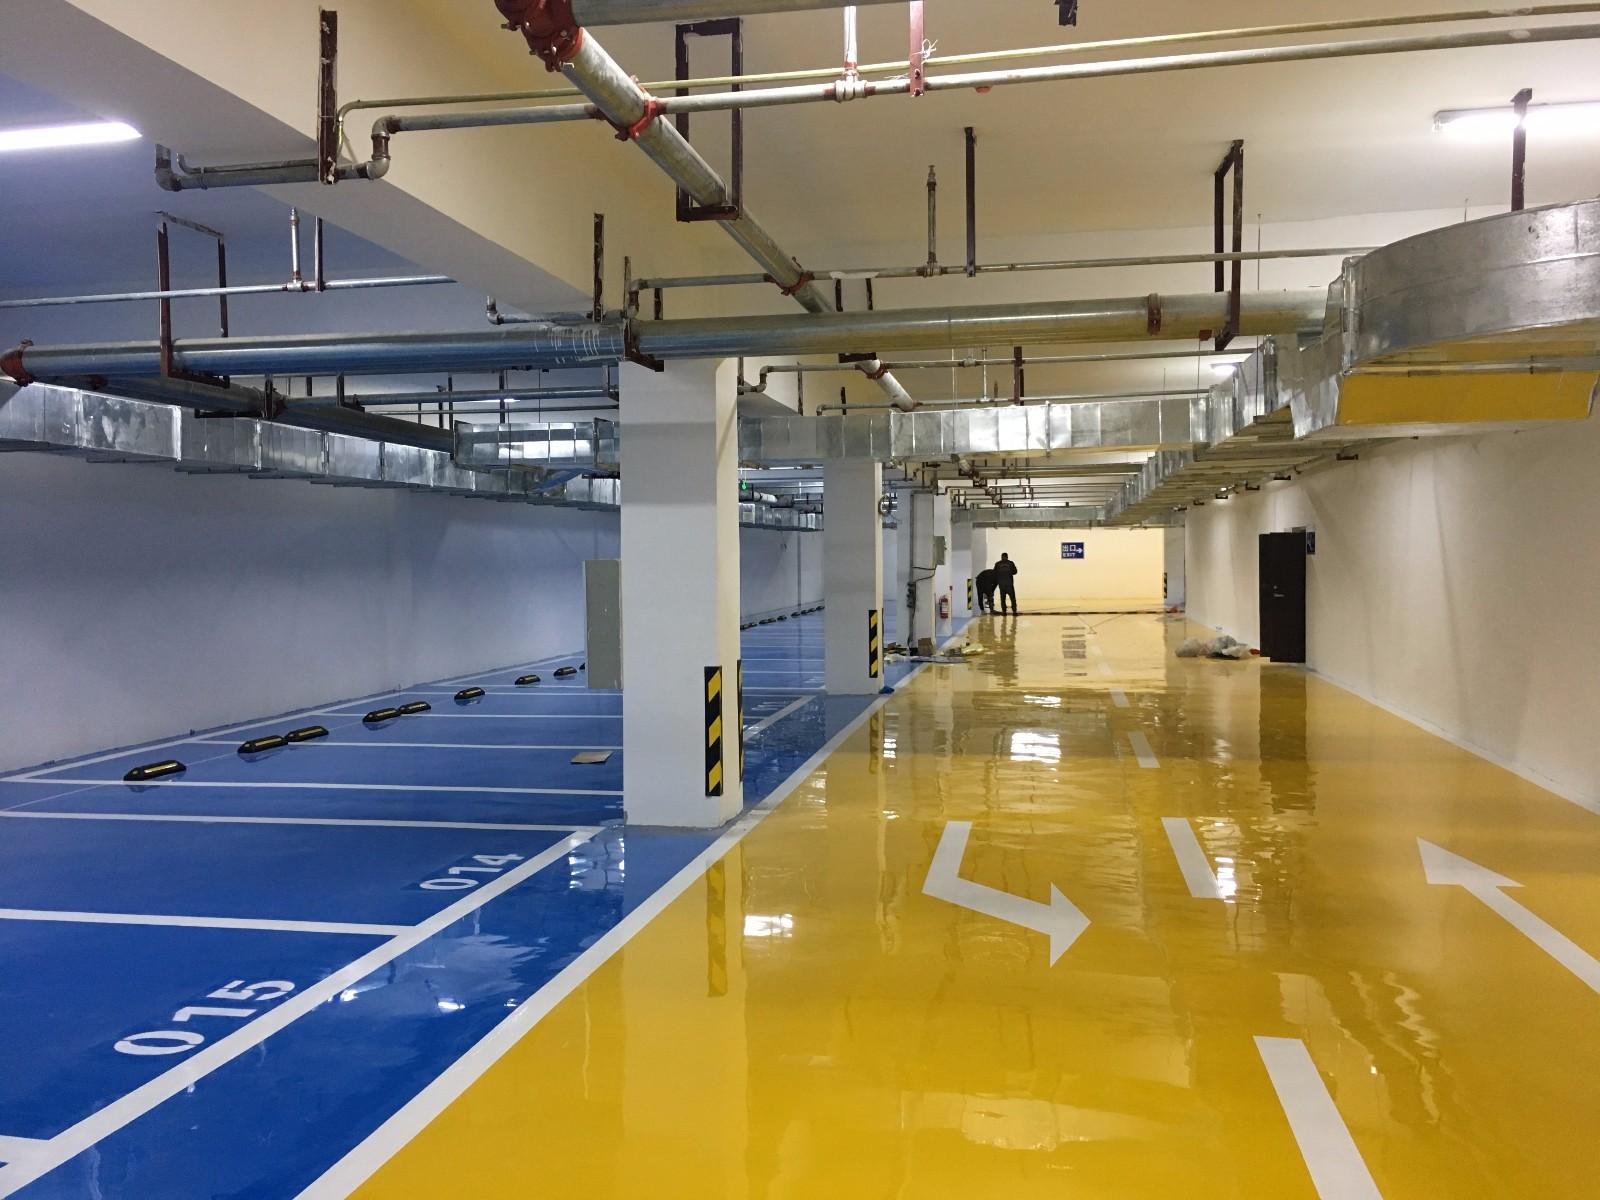 【工程案例】隴南市人民銀行地下停車庫|工程案例-甘肅地達建材有限公司